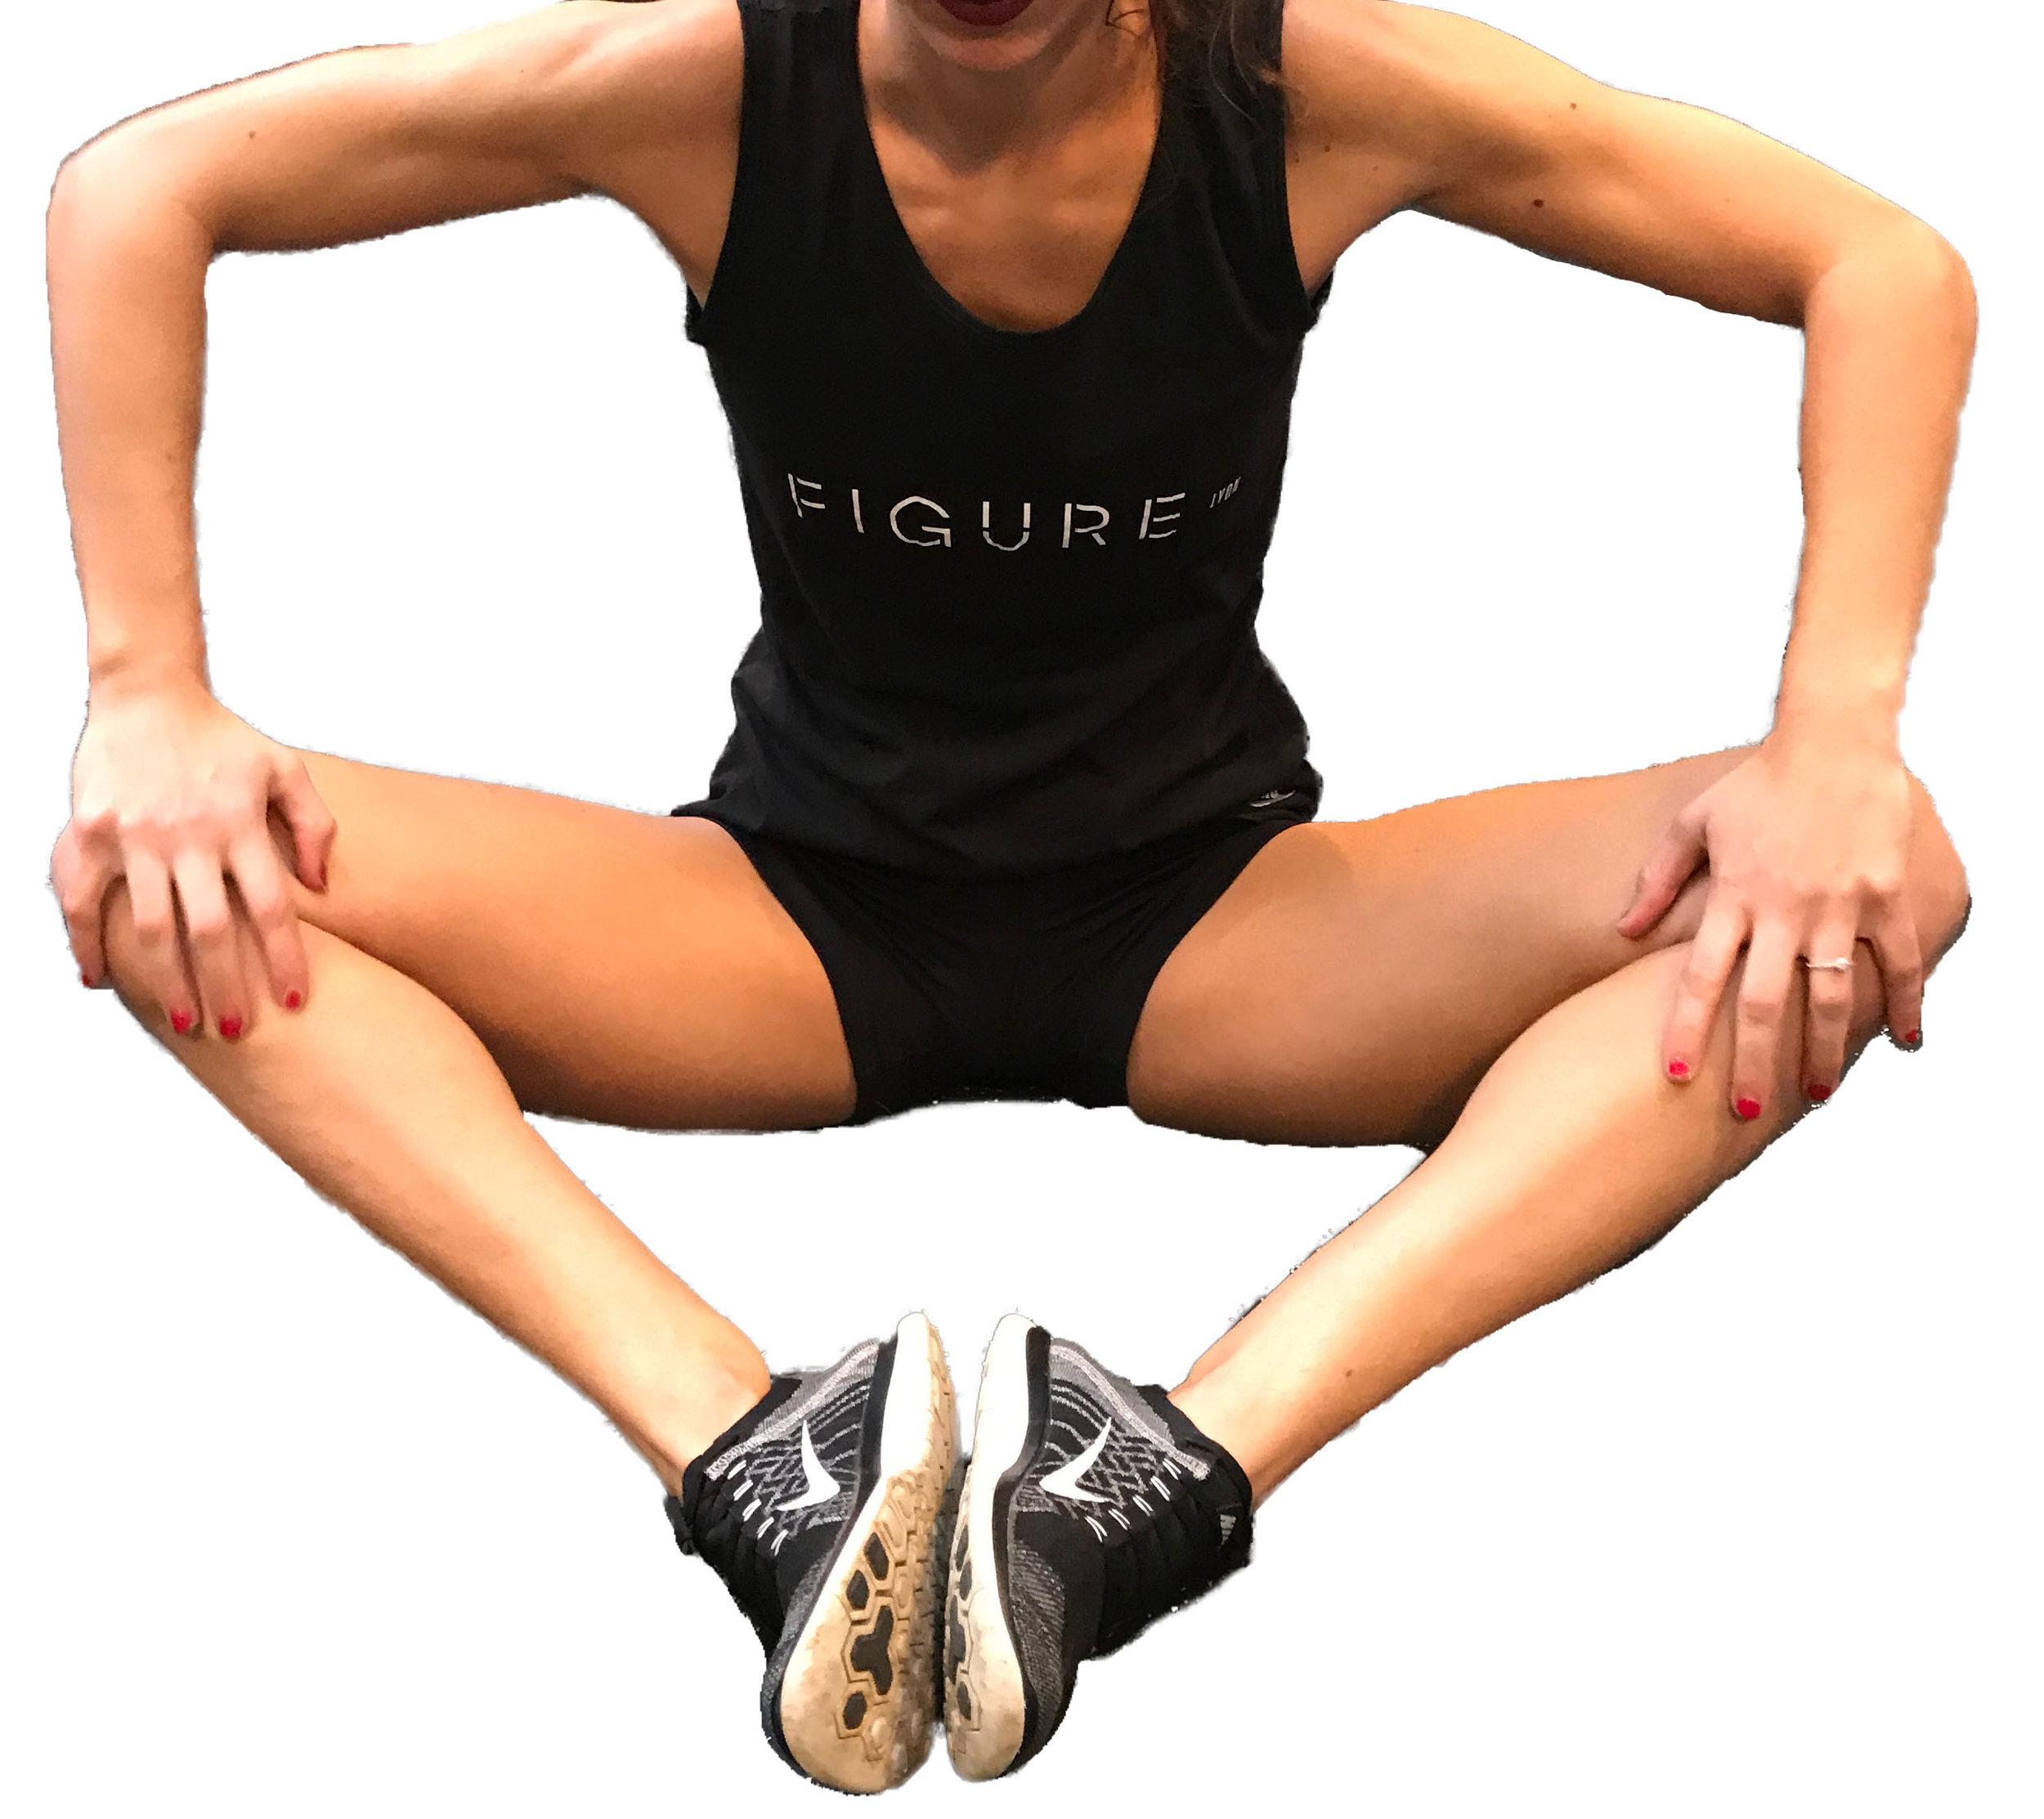 - - Creusez le bas du dos (antéversion)              - Appuyez progressivement avec les mains ou les coudes